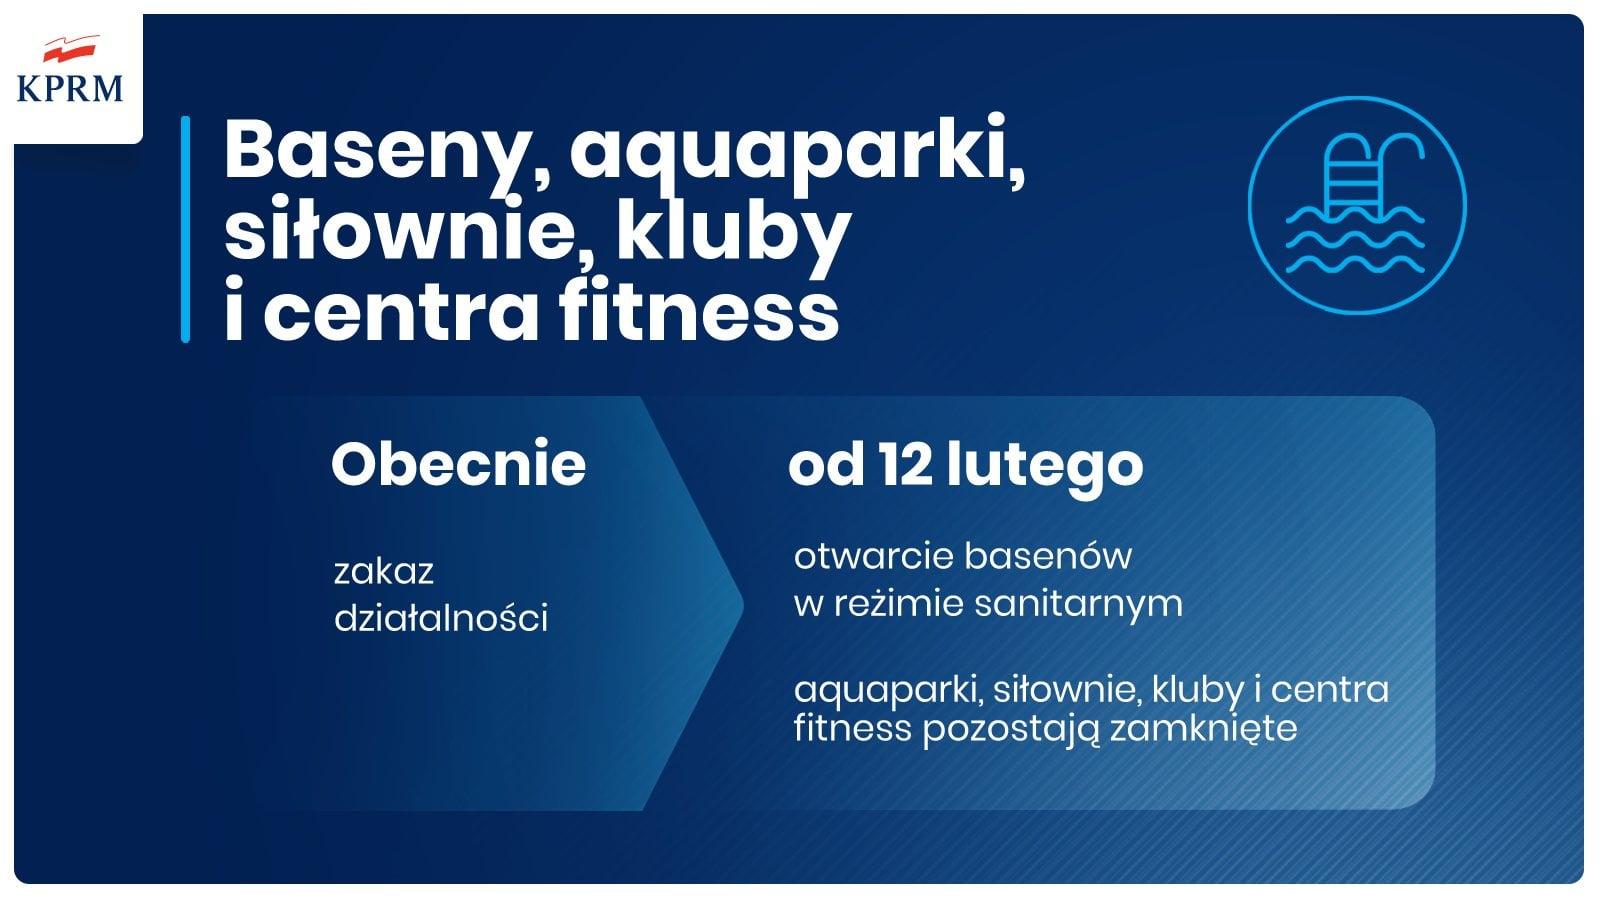 https://m.powiatszczycienski.pl/2021/02/orig/146412040-2802519449997054-5712093382657390766-o-37888.jpg